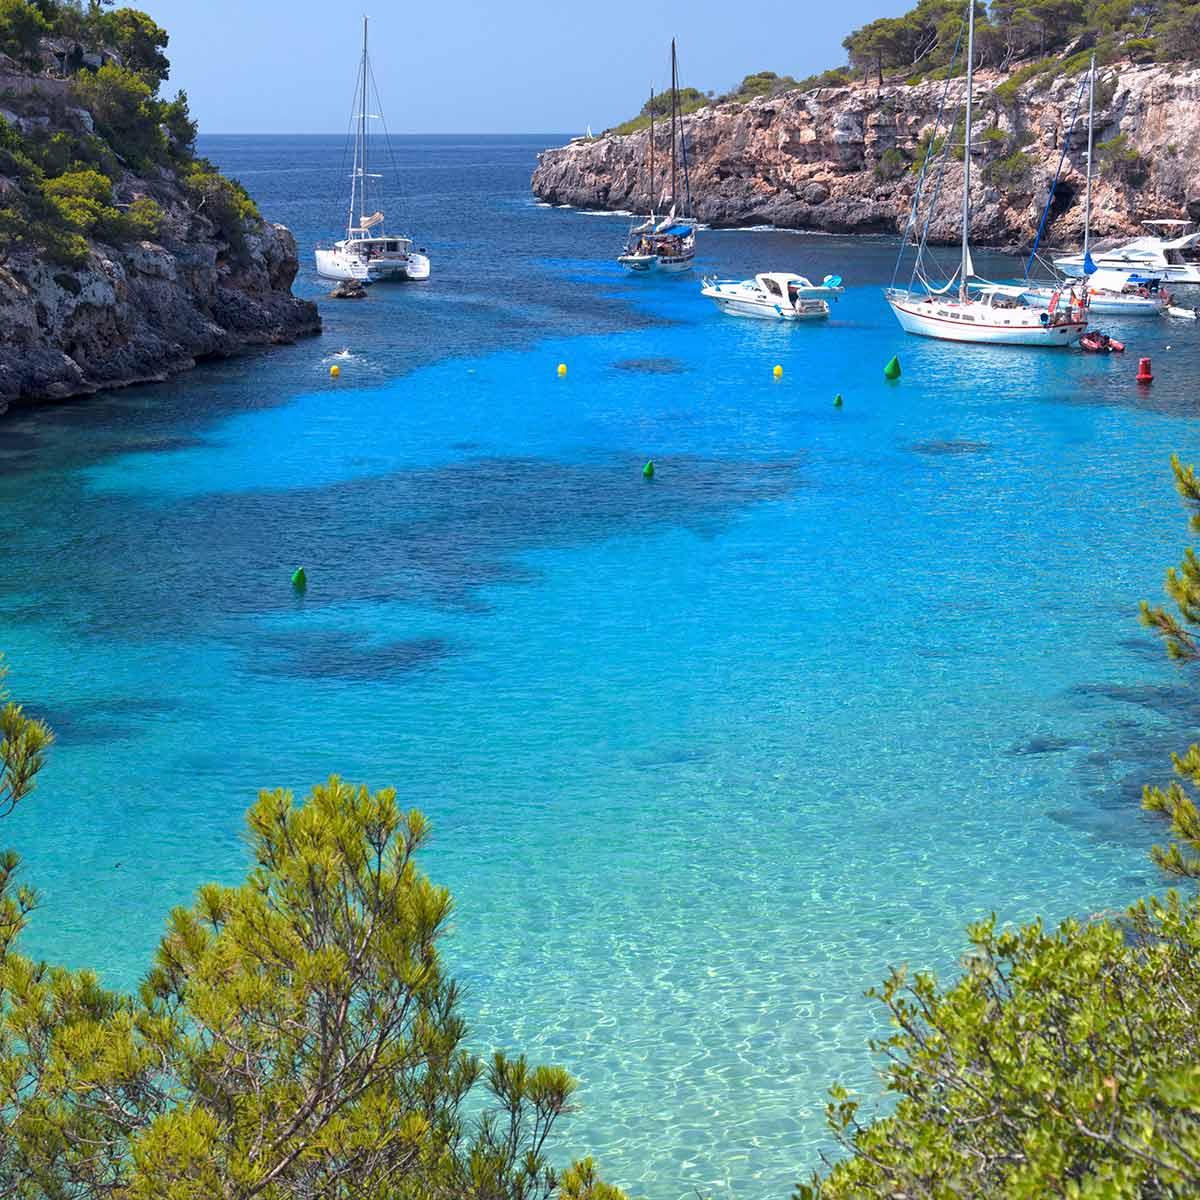 Kết quả hình ảnh cho Mallorca